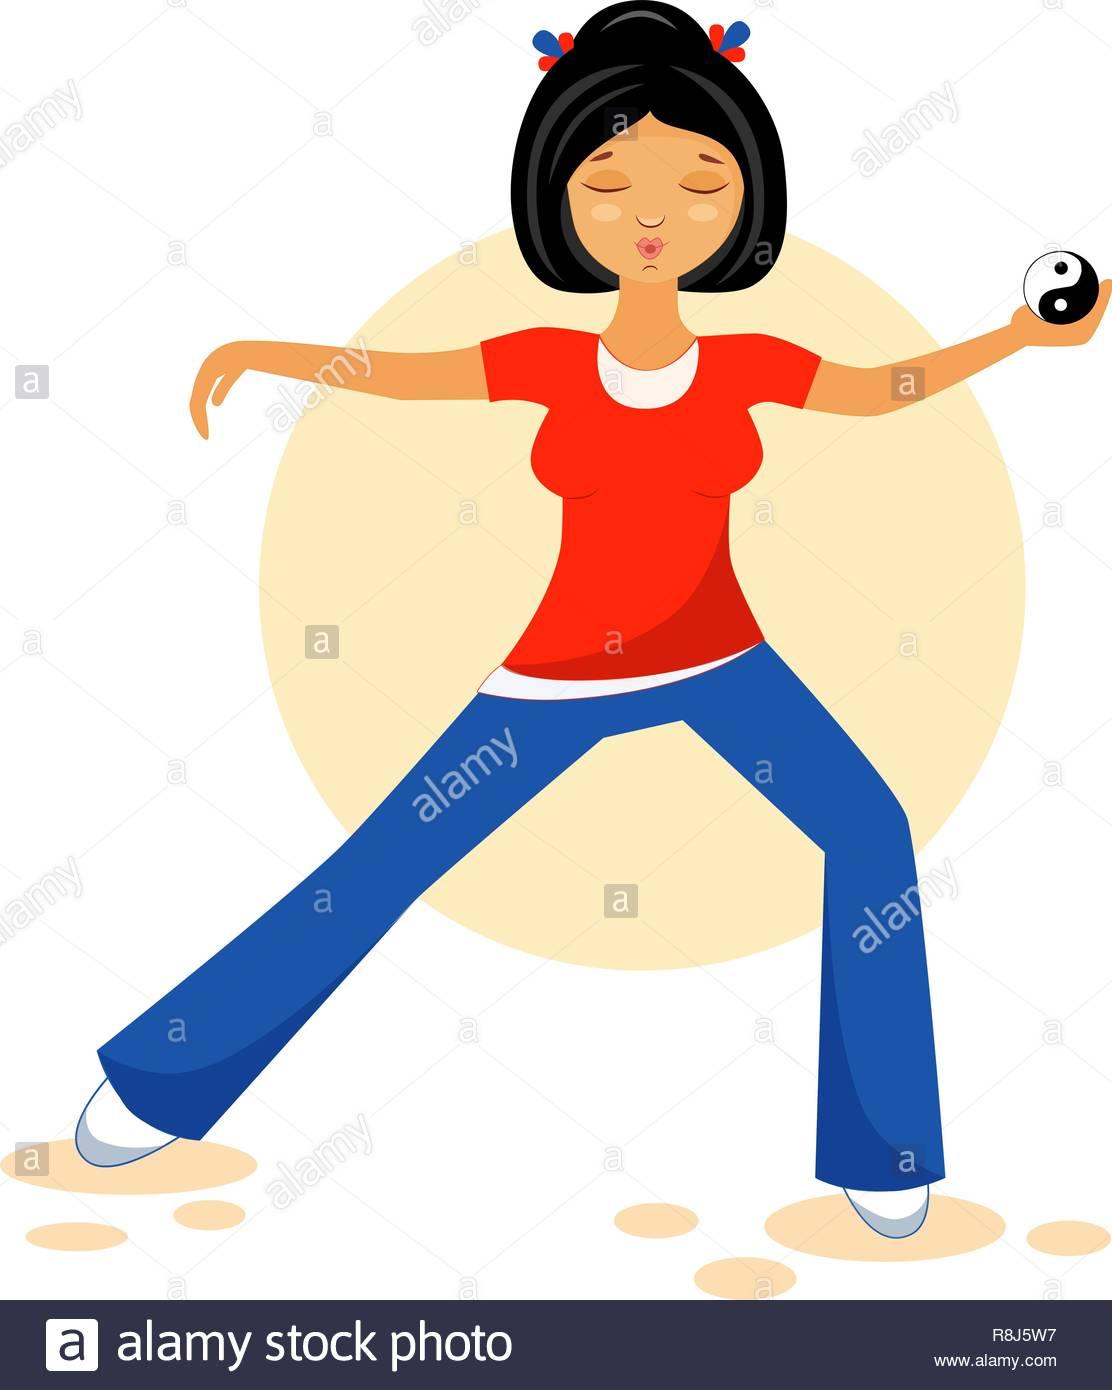 Tai Chi Qigong Yoga Stock Photos & Tai Chi Qigong Yoga Stock